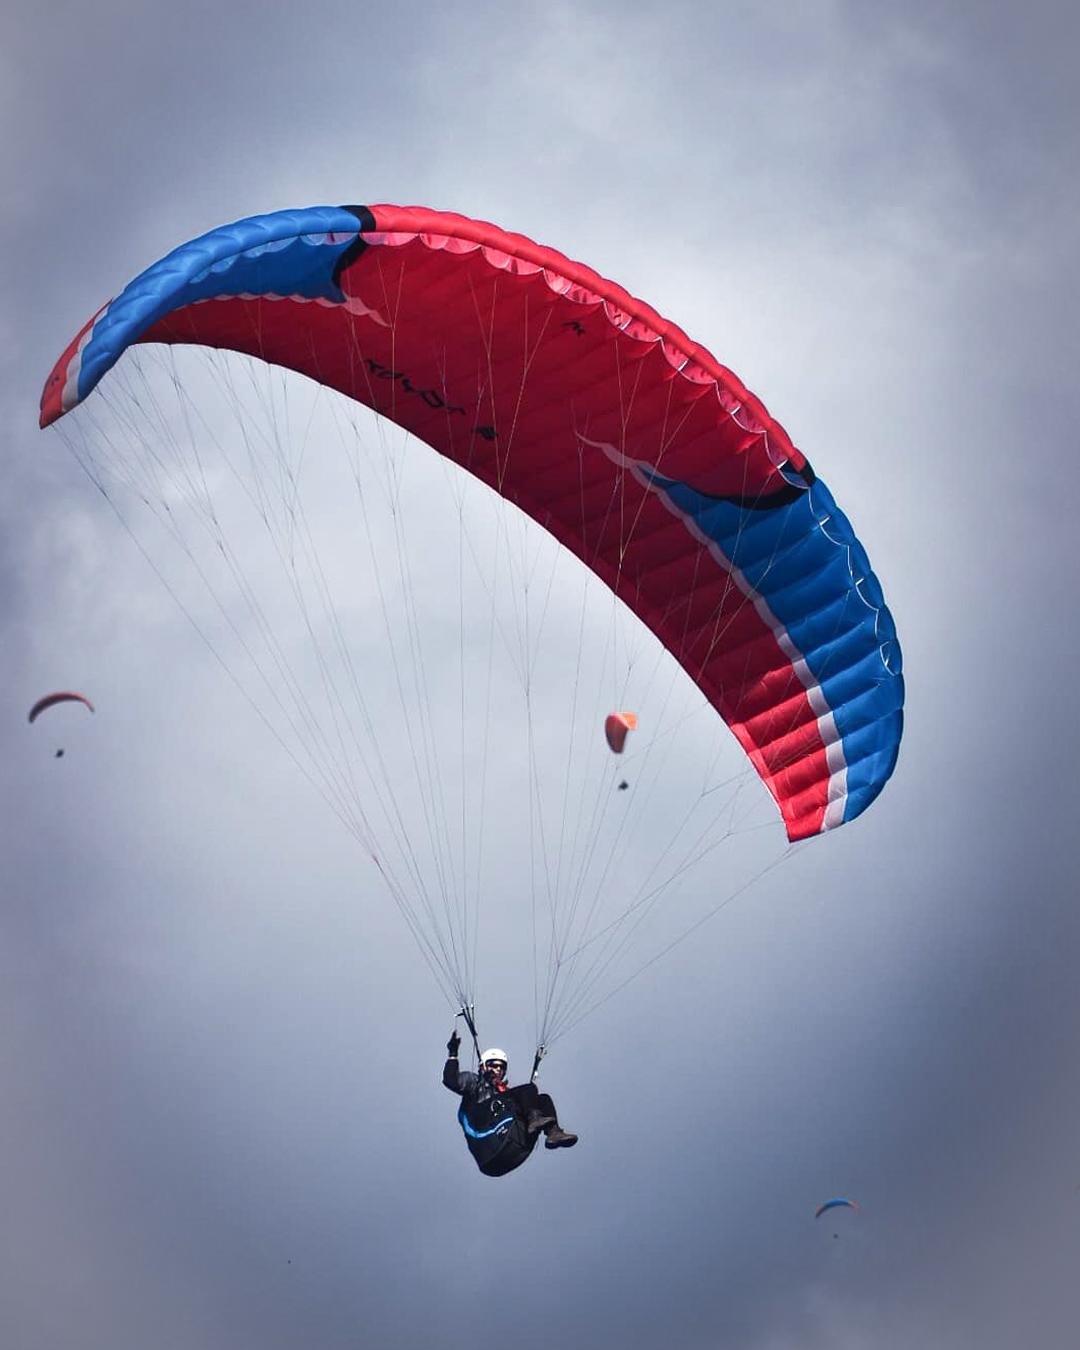 Bir Billing Paragliding Photoblog